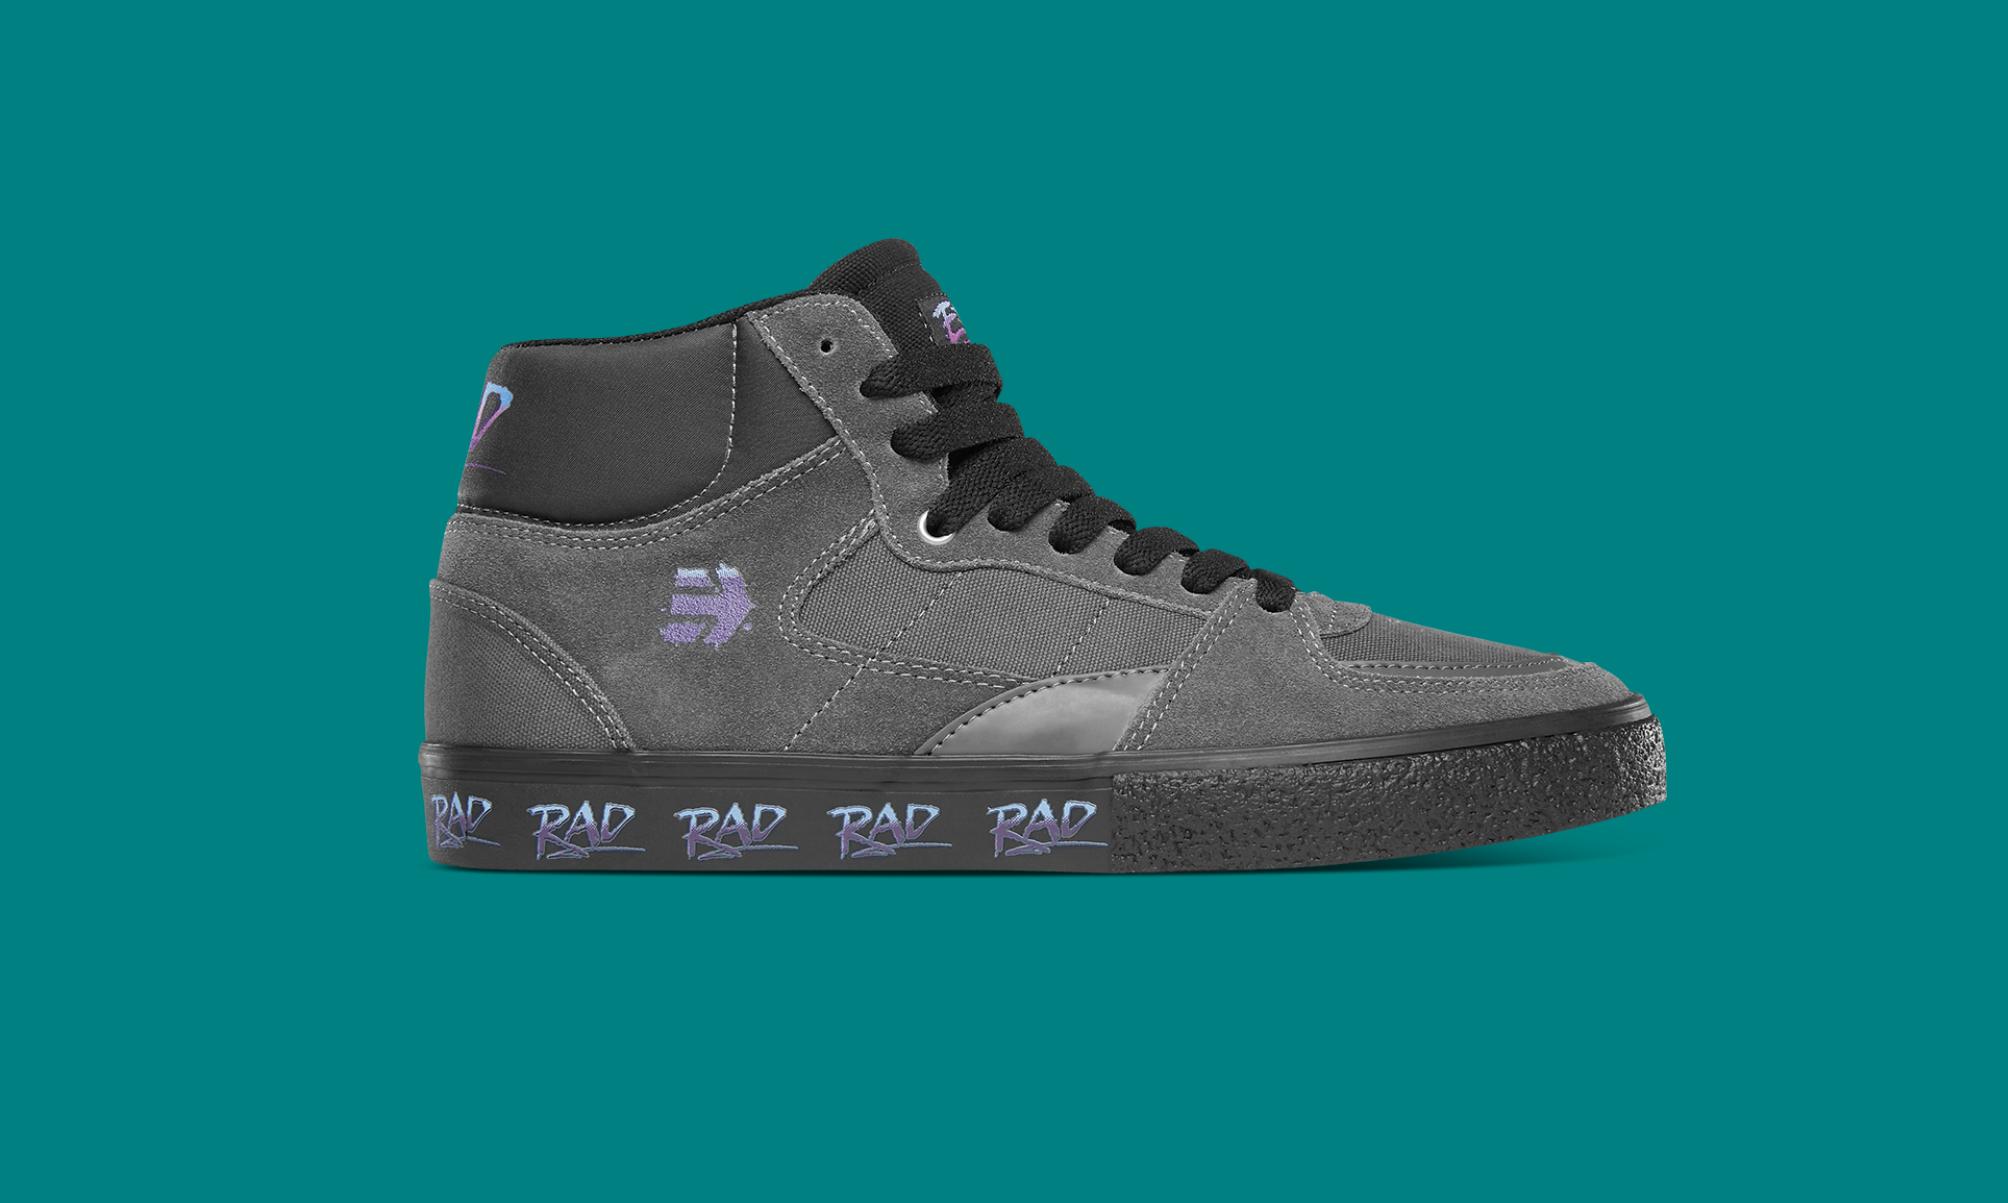 etnies screw vulc Rad sneakers